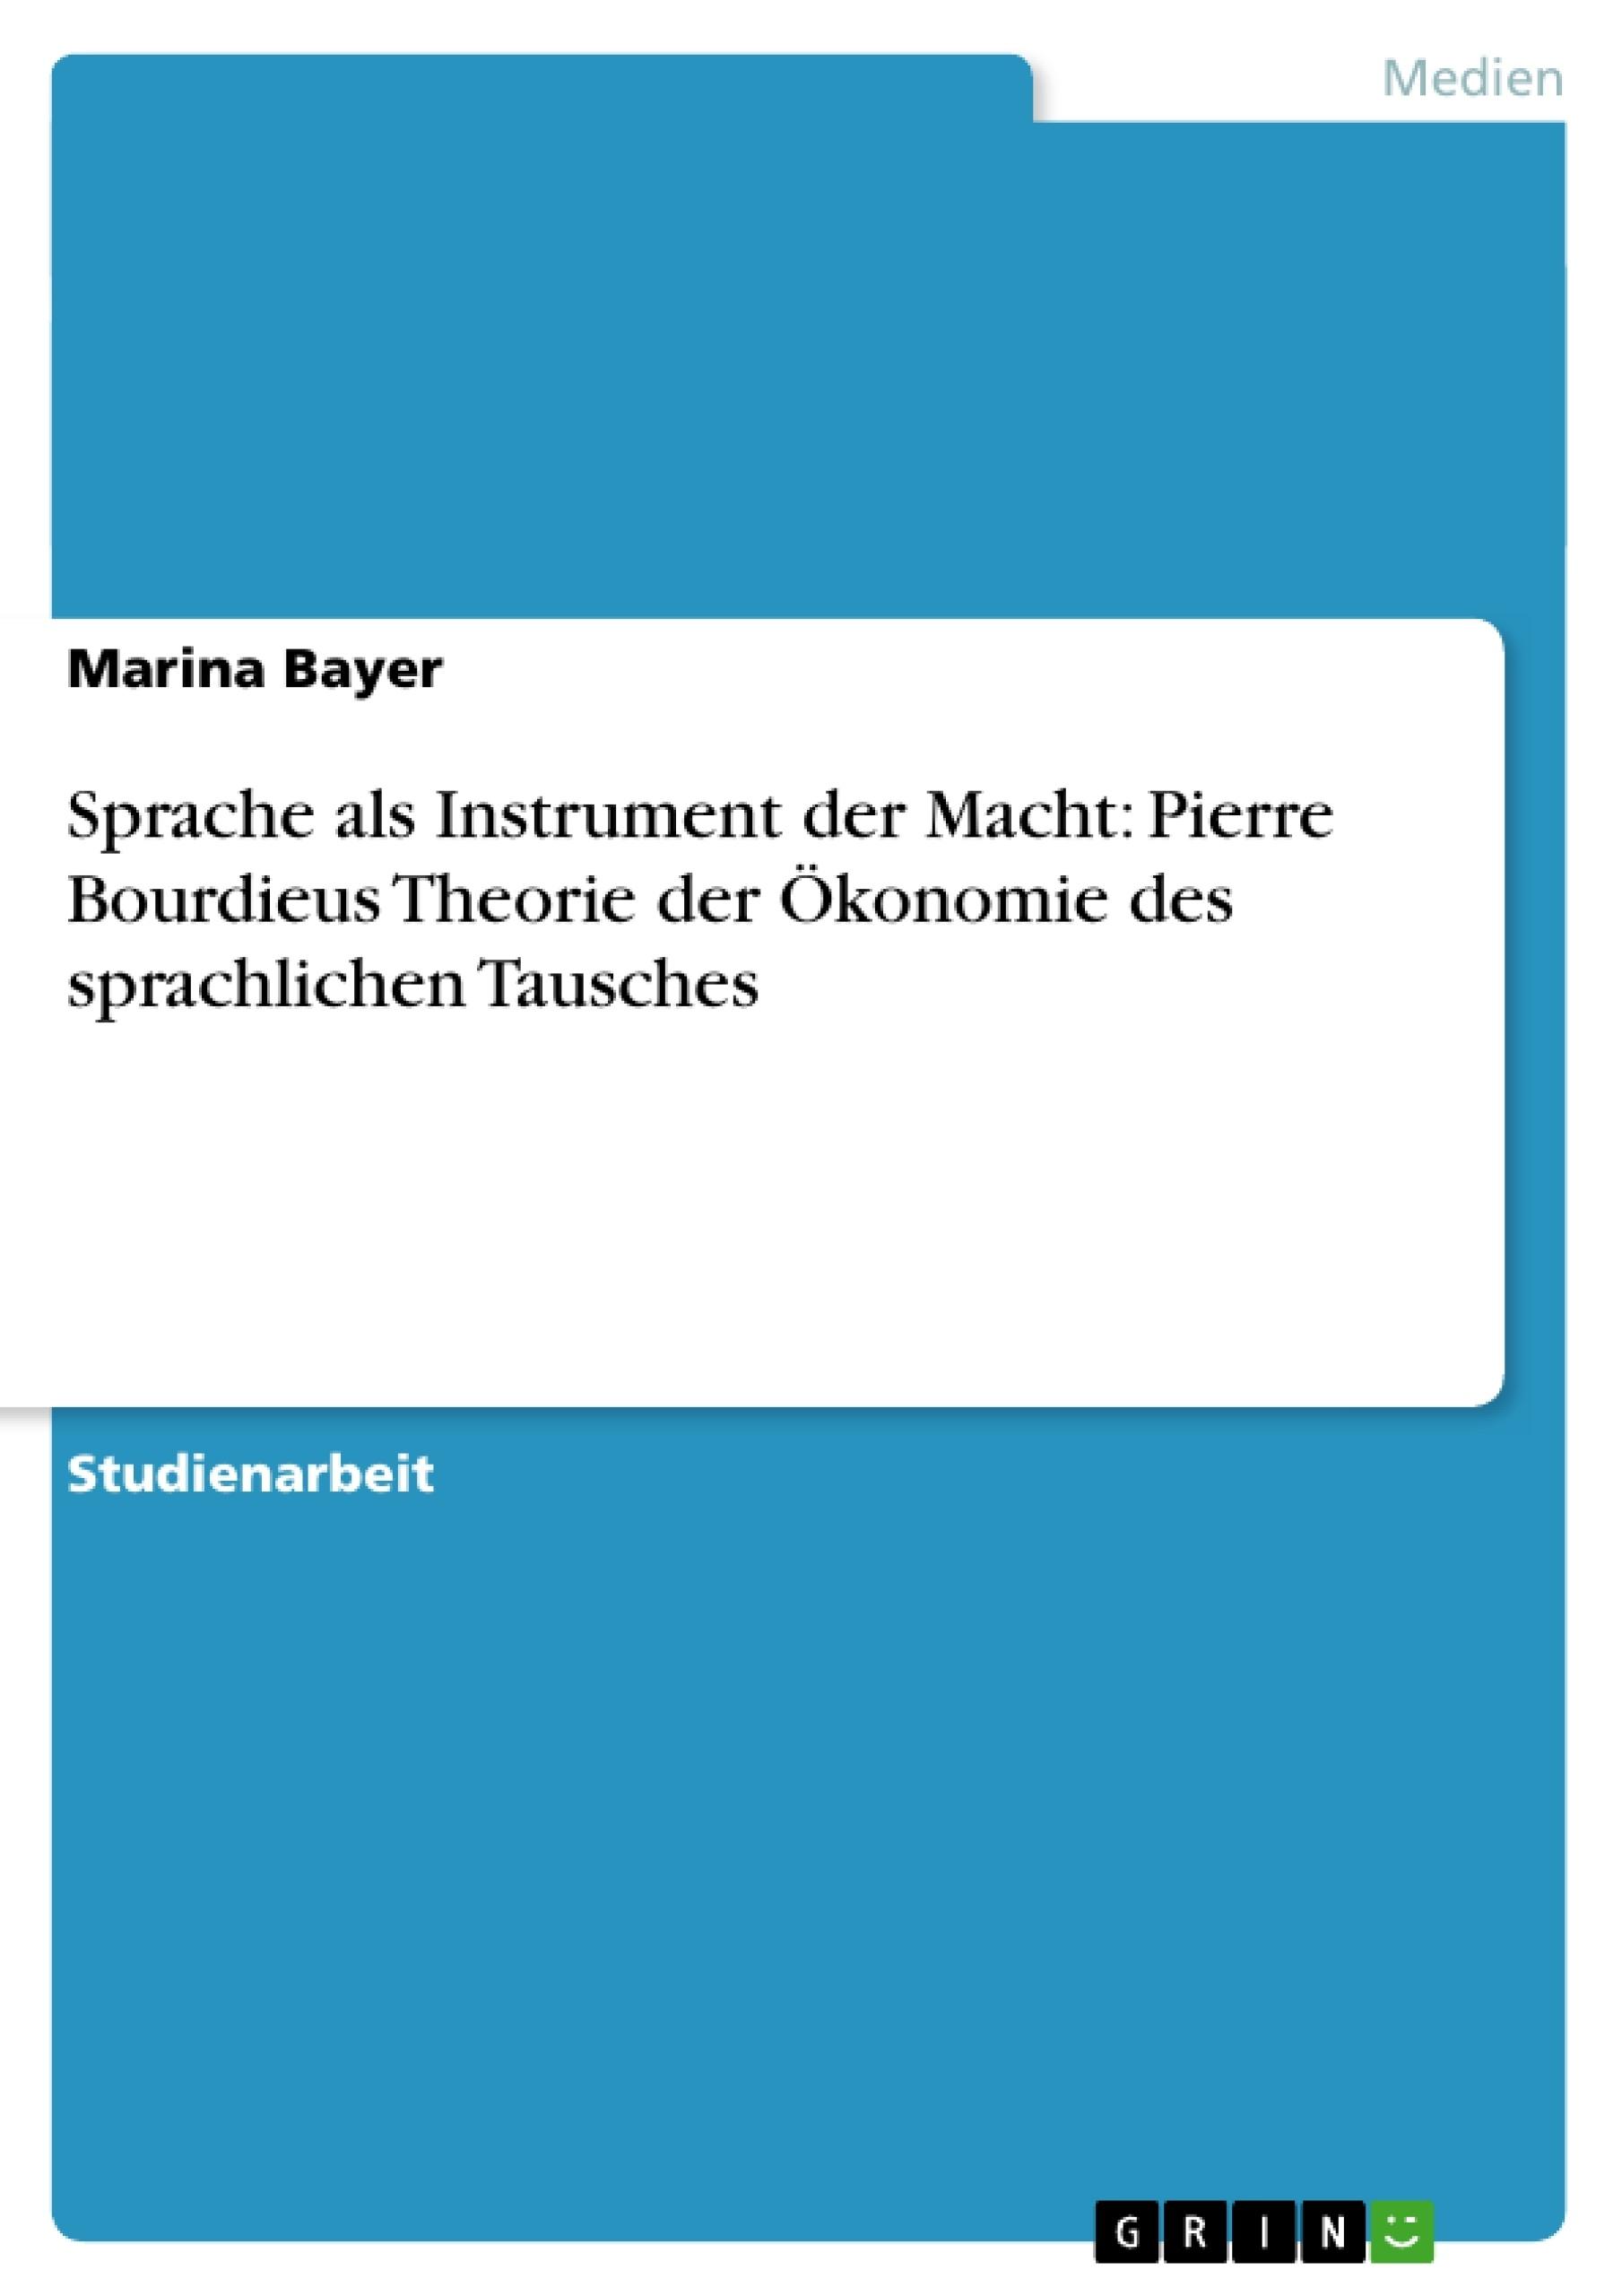 Titel: Sprache als Instrument der Macht: Pierre Bourdieus Theorie der Ökonomie des sprachlichen Tausches